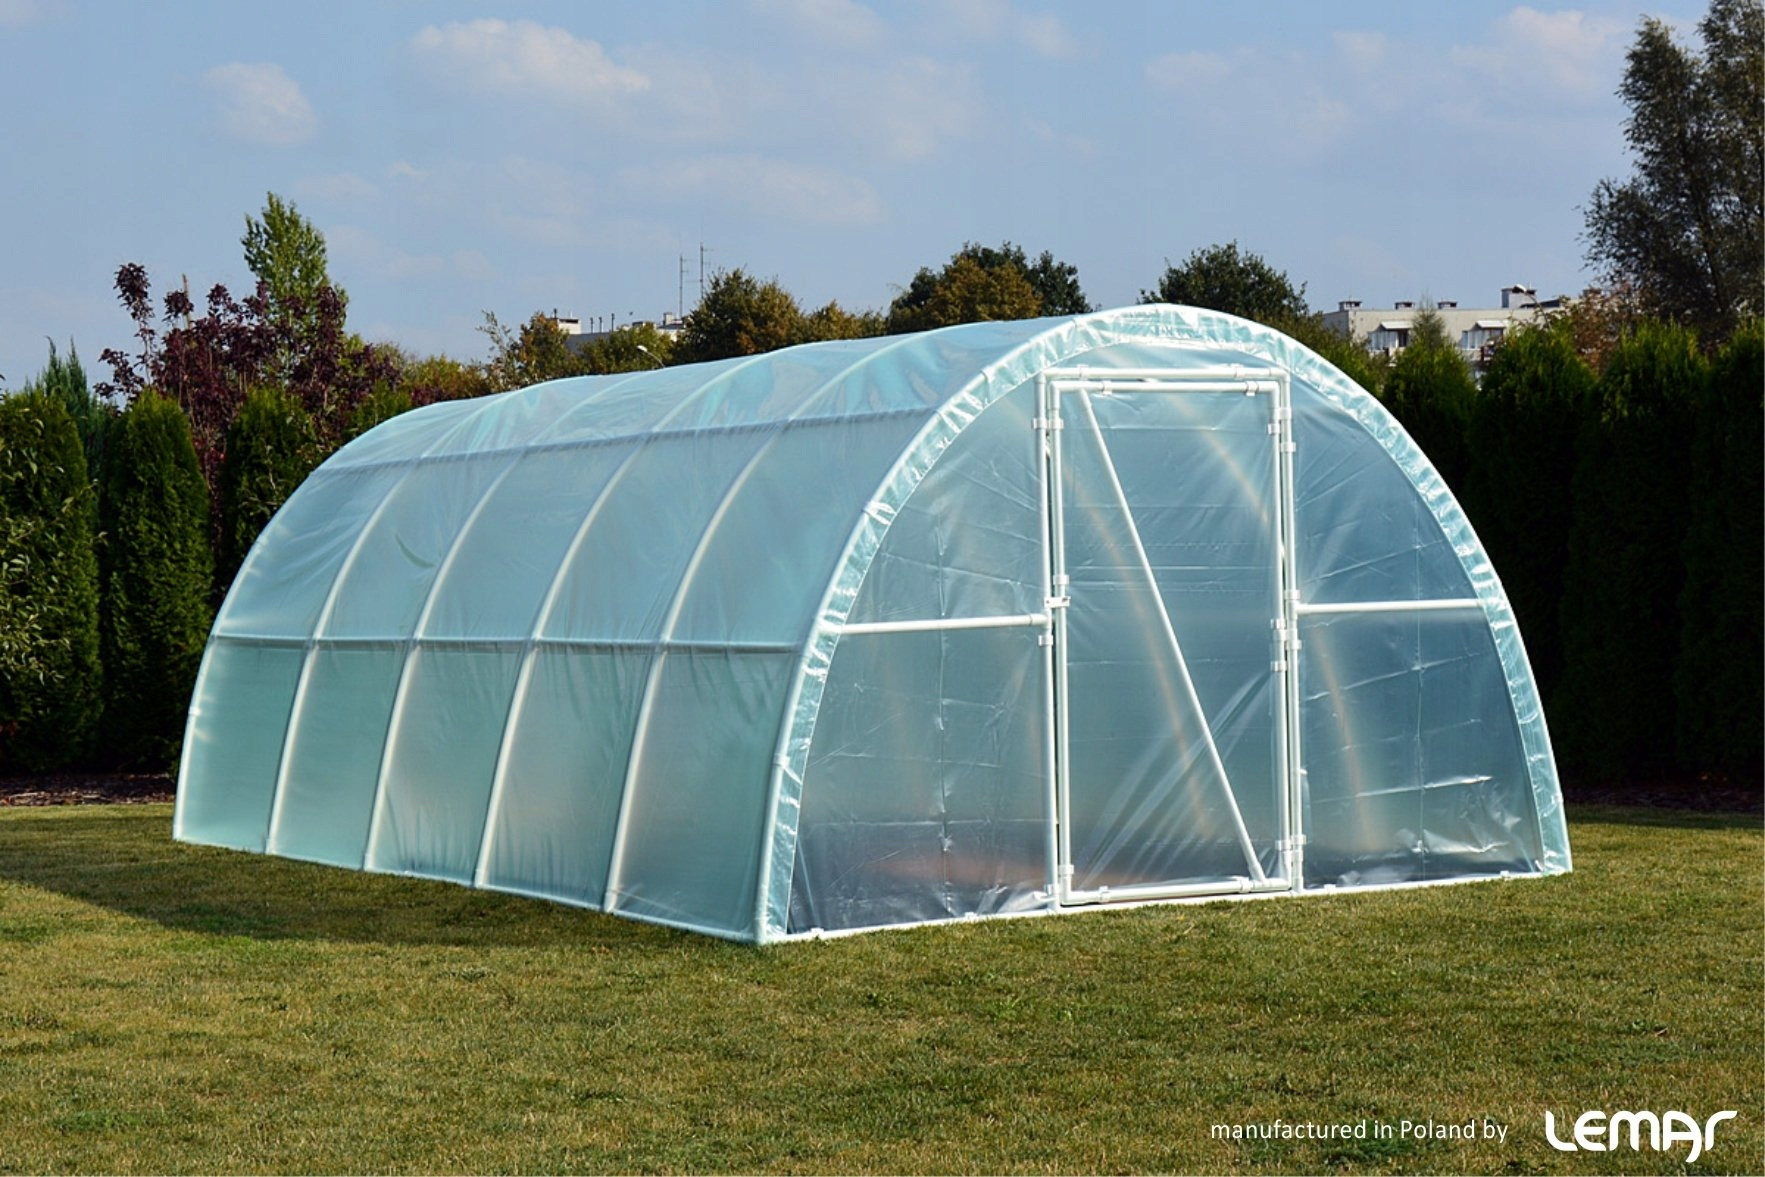 Záhradný fóliový tunel Skleník 10x3 4-sezónna fólia EAN 5907542760117